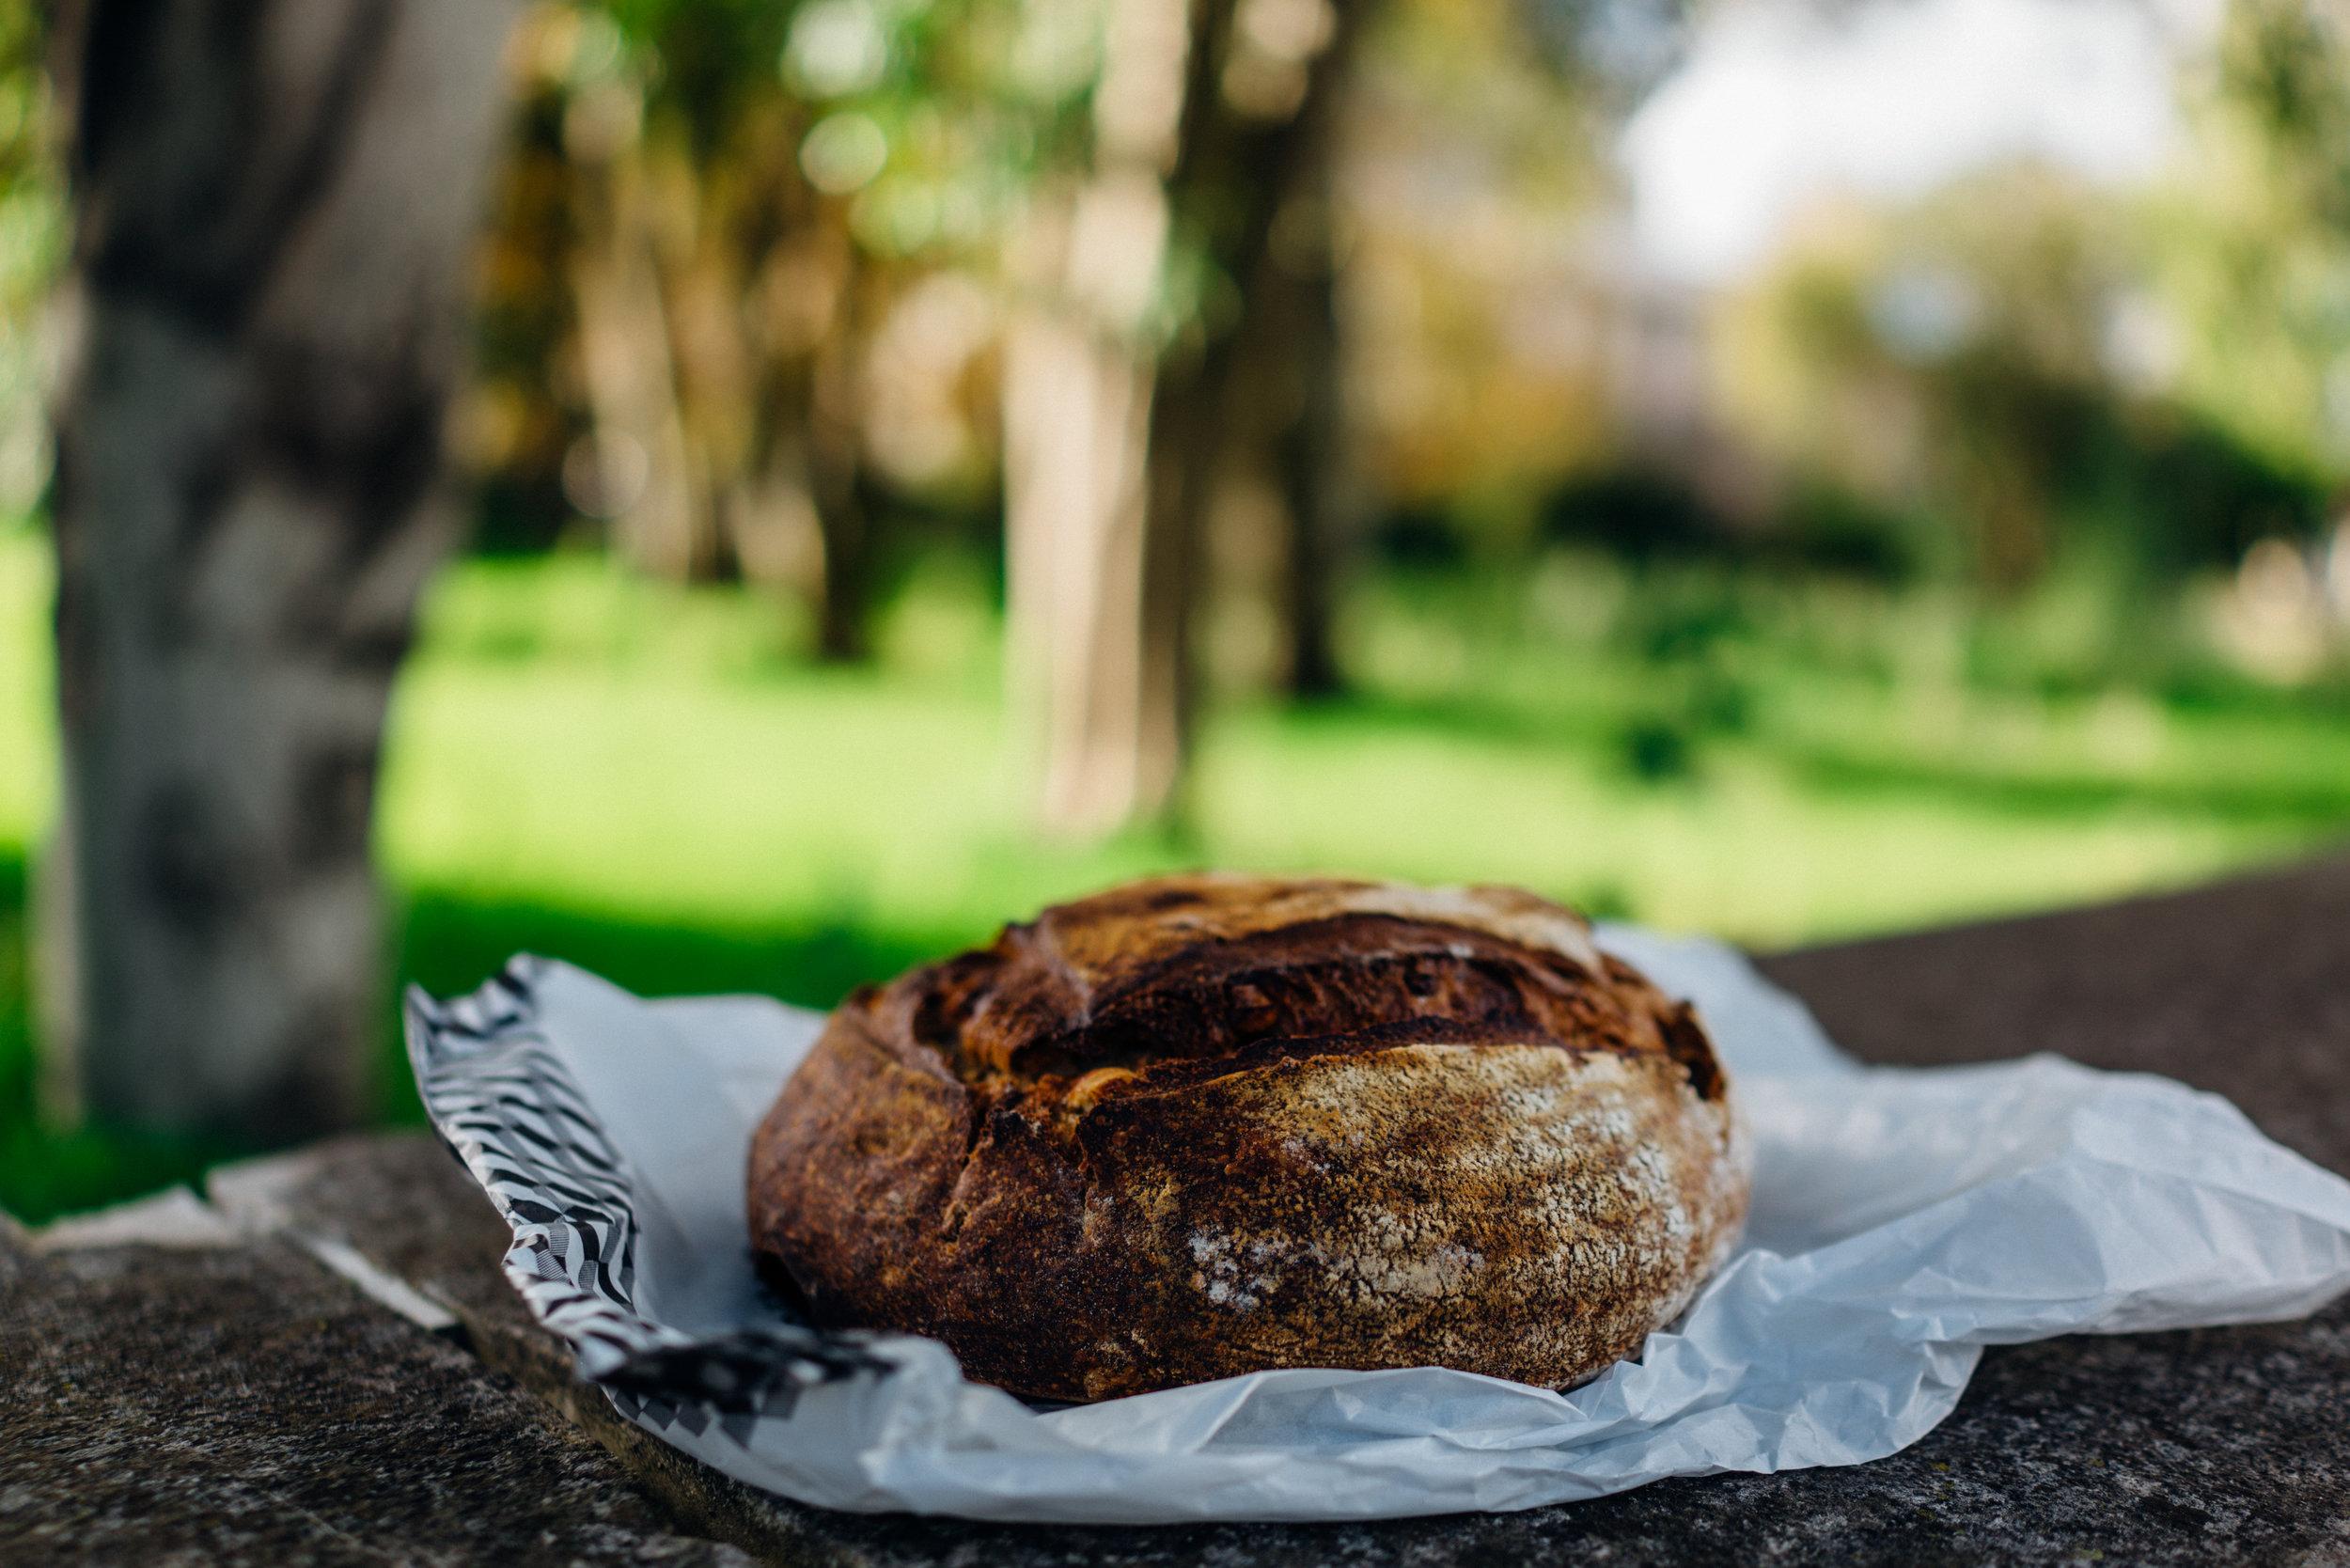 A loaf of A Padaria Portuguesa – LAB's Pão de Castanhas or Chestnut Bread